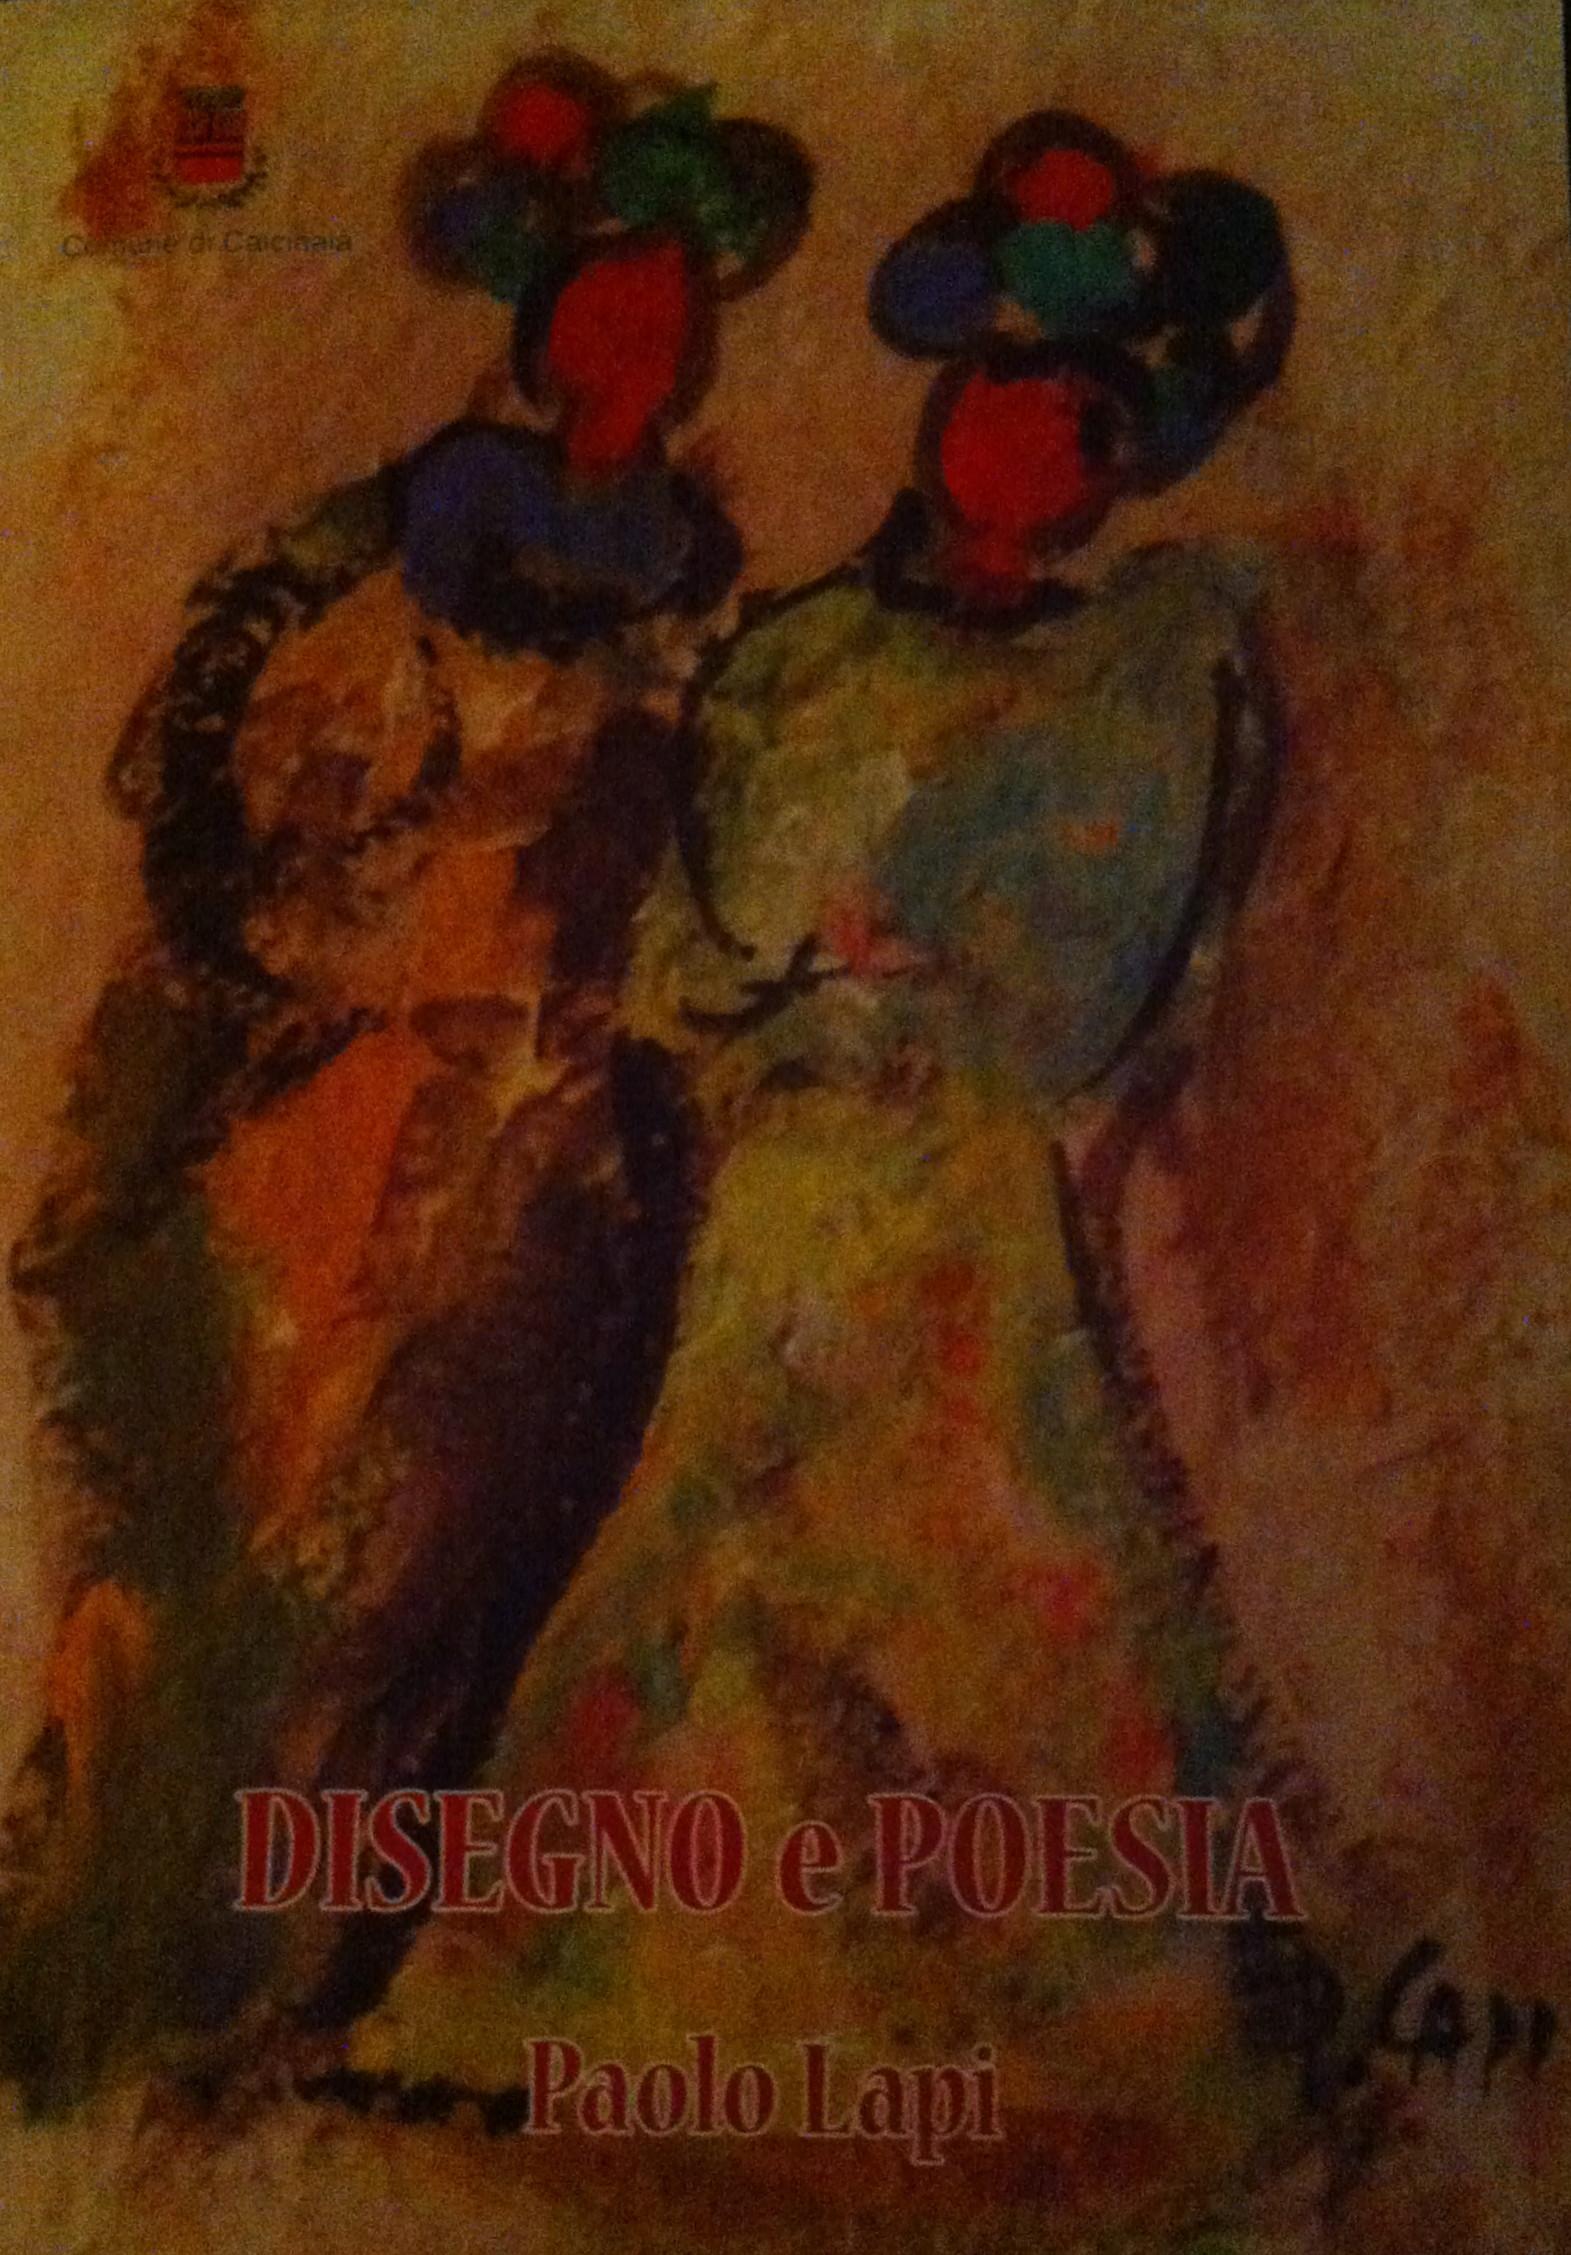 Disegno e poesia